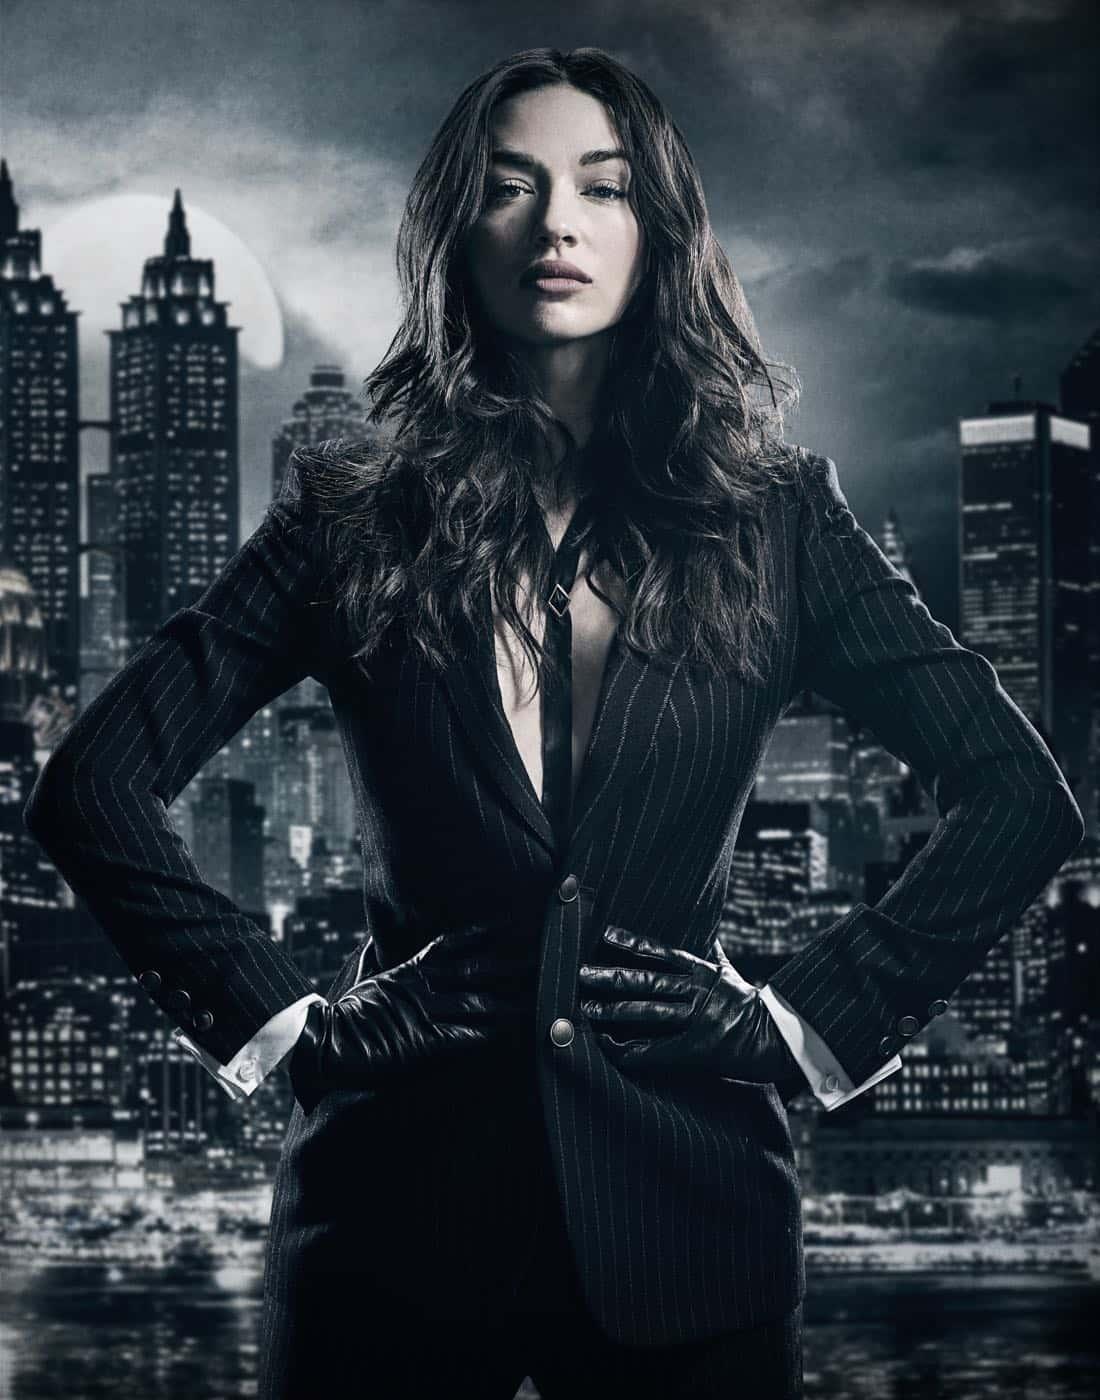 Crystal Reed. Season 4 of GOTHAM